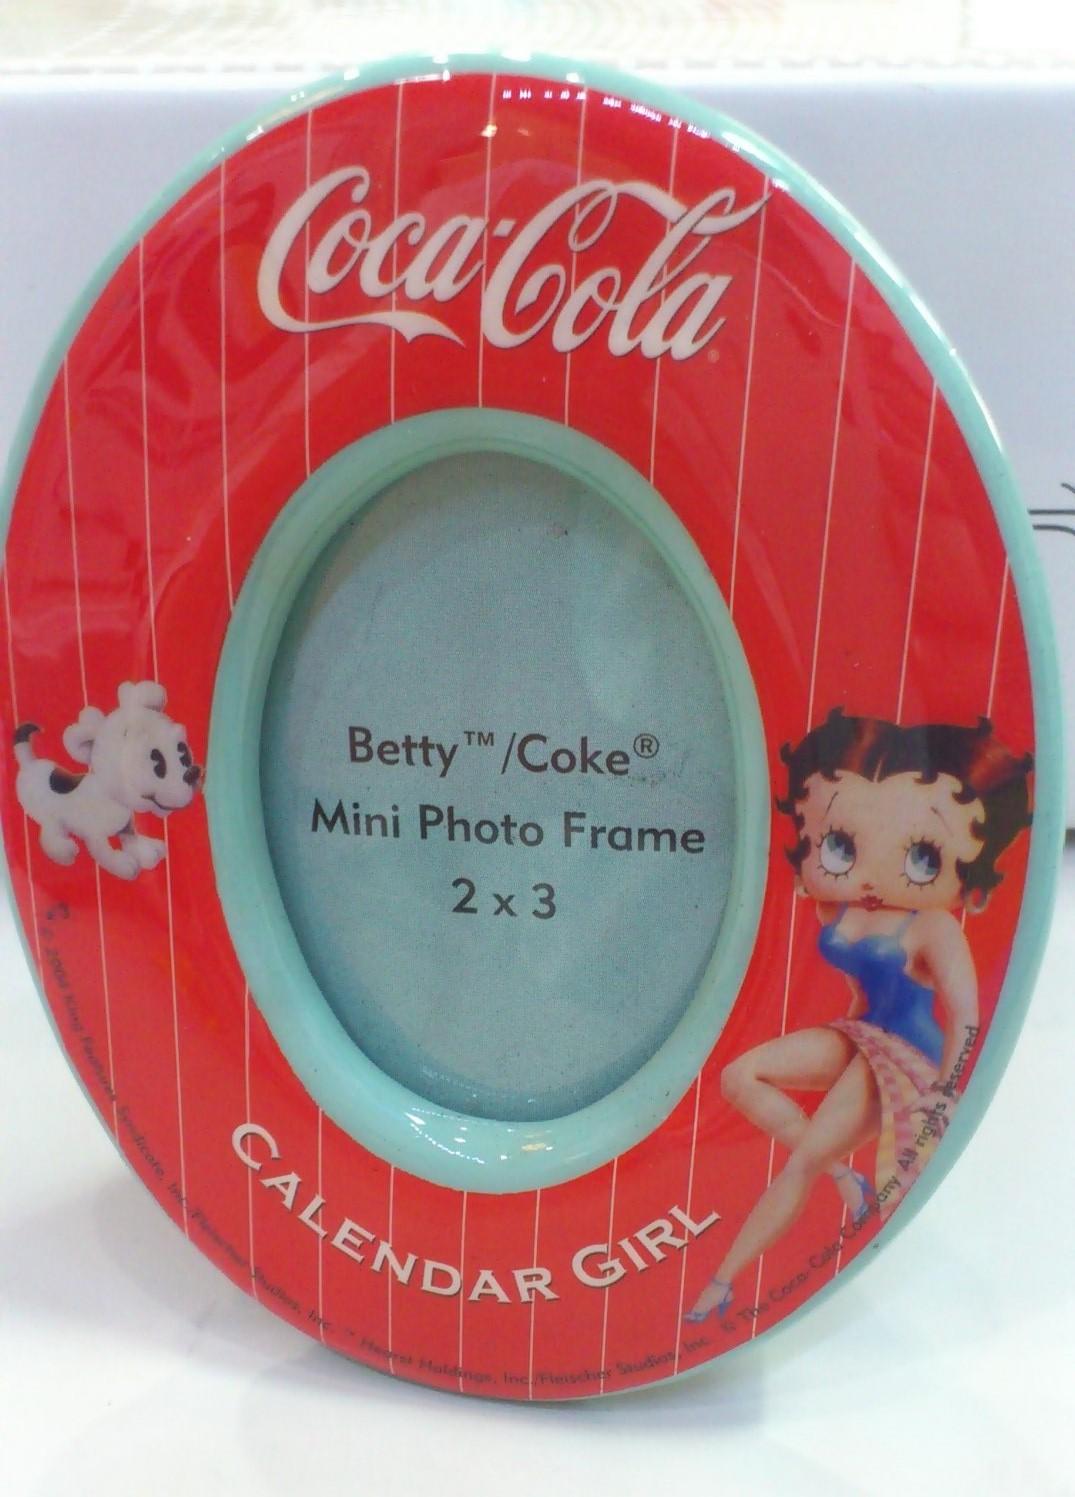 Betty×Coke ミニフォトフレーム